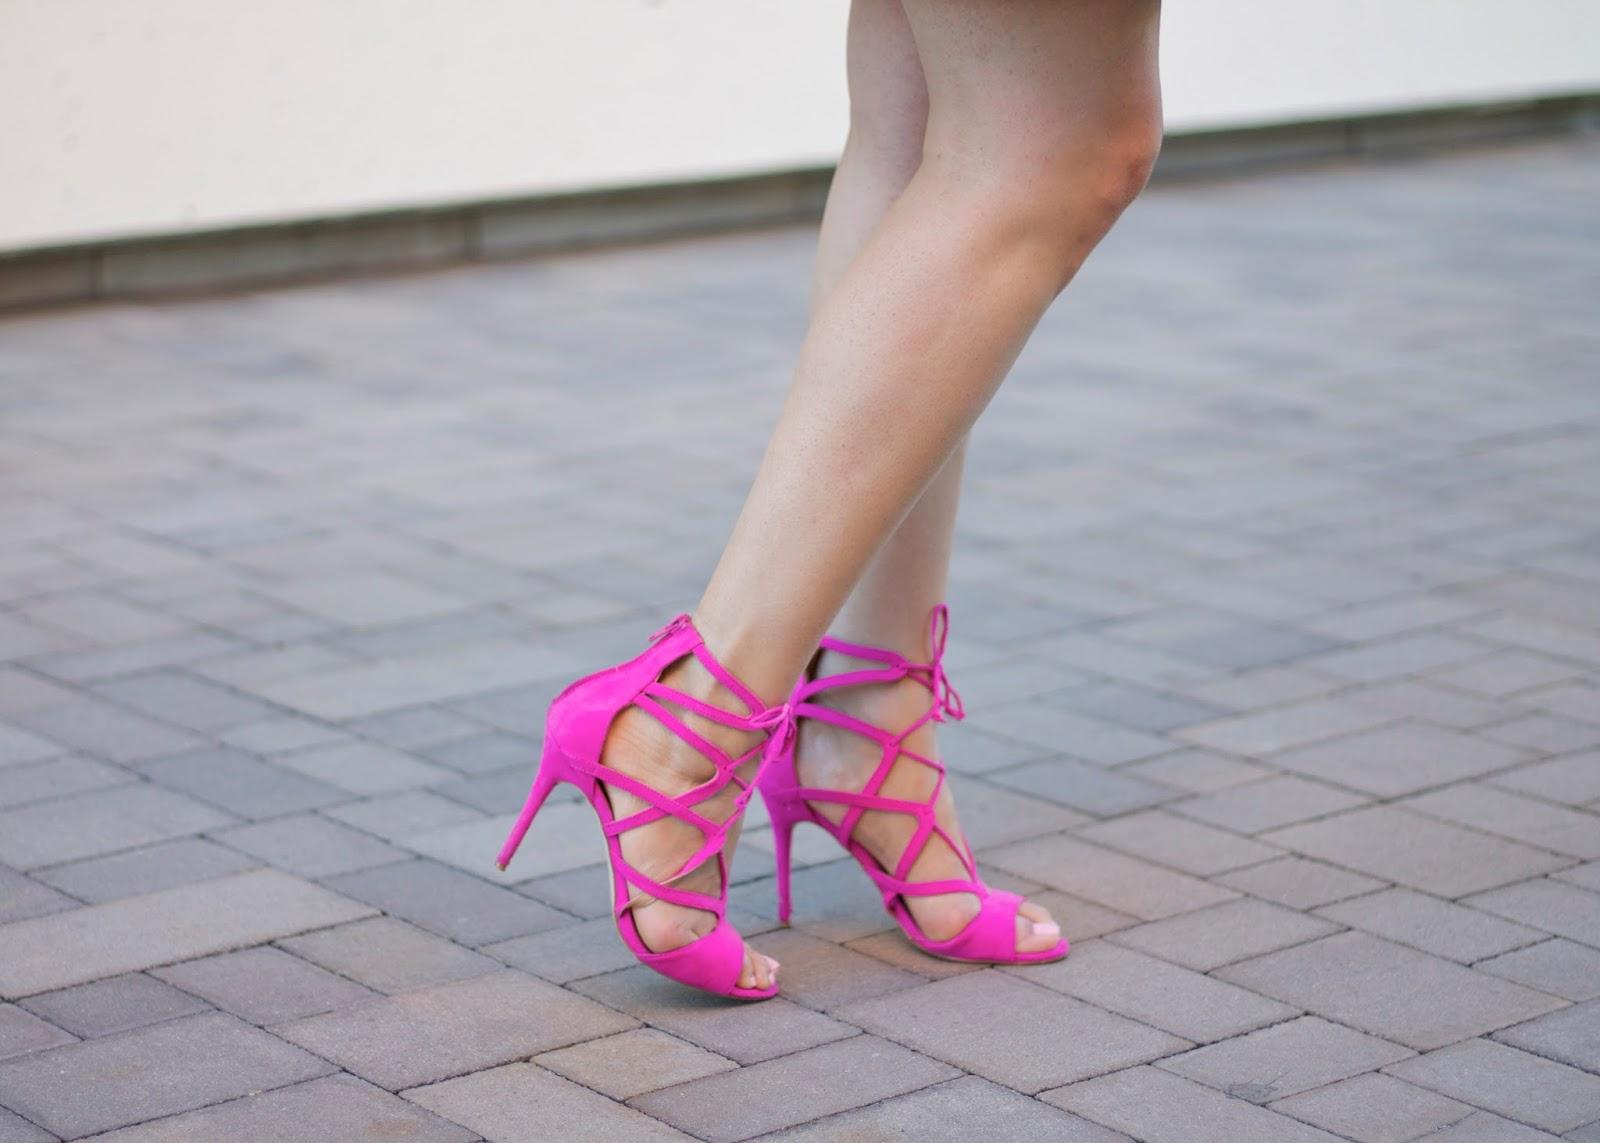 hot pink heels, affordable heels, justfab online blogger, bring shoes 2016, spring shoes 2016